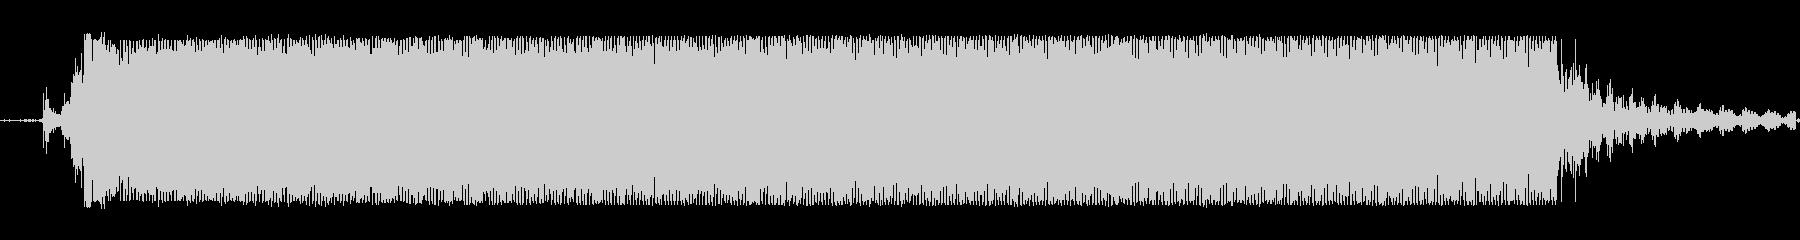 ギターメタルパワーコードzsの未再生の波形